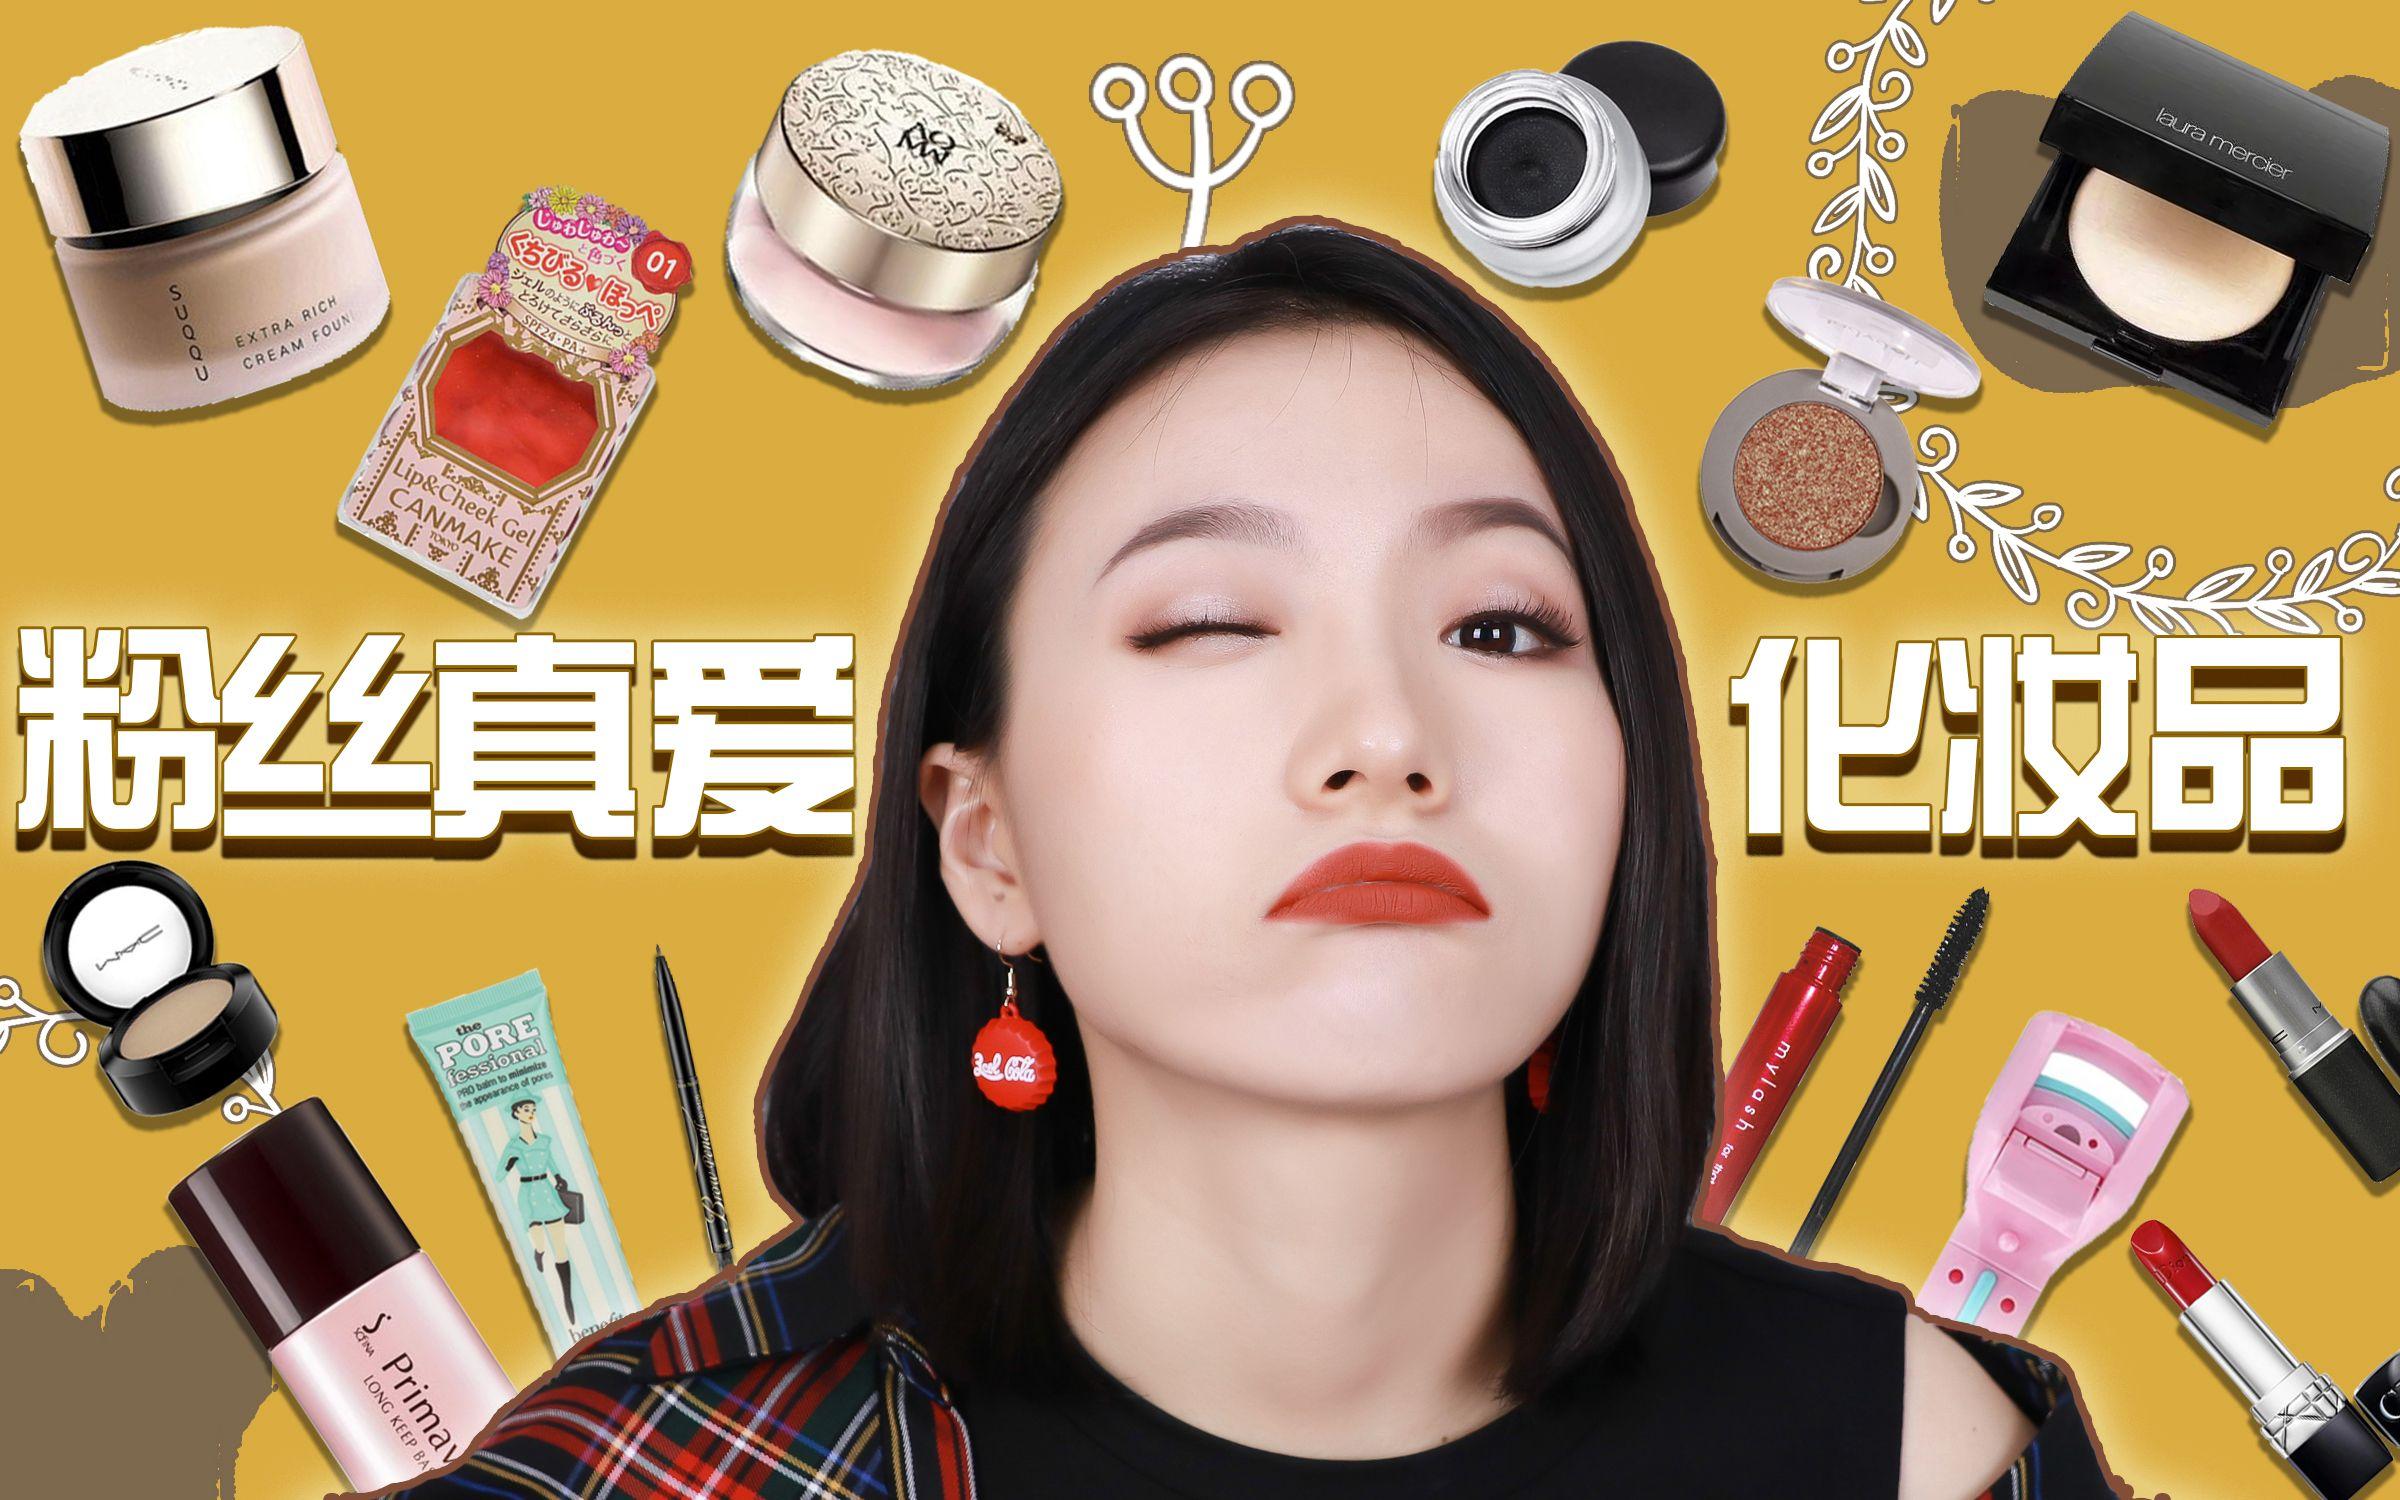 大佬甜er |种草预警~用粉丝提名的真爱化妆品化妆!!